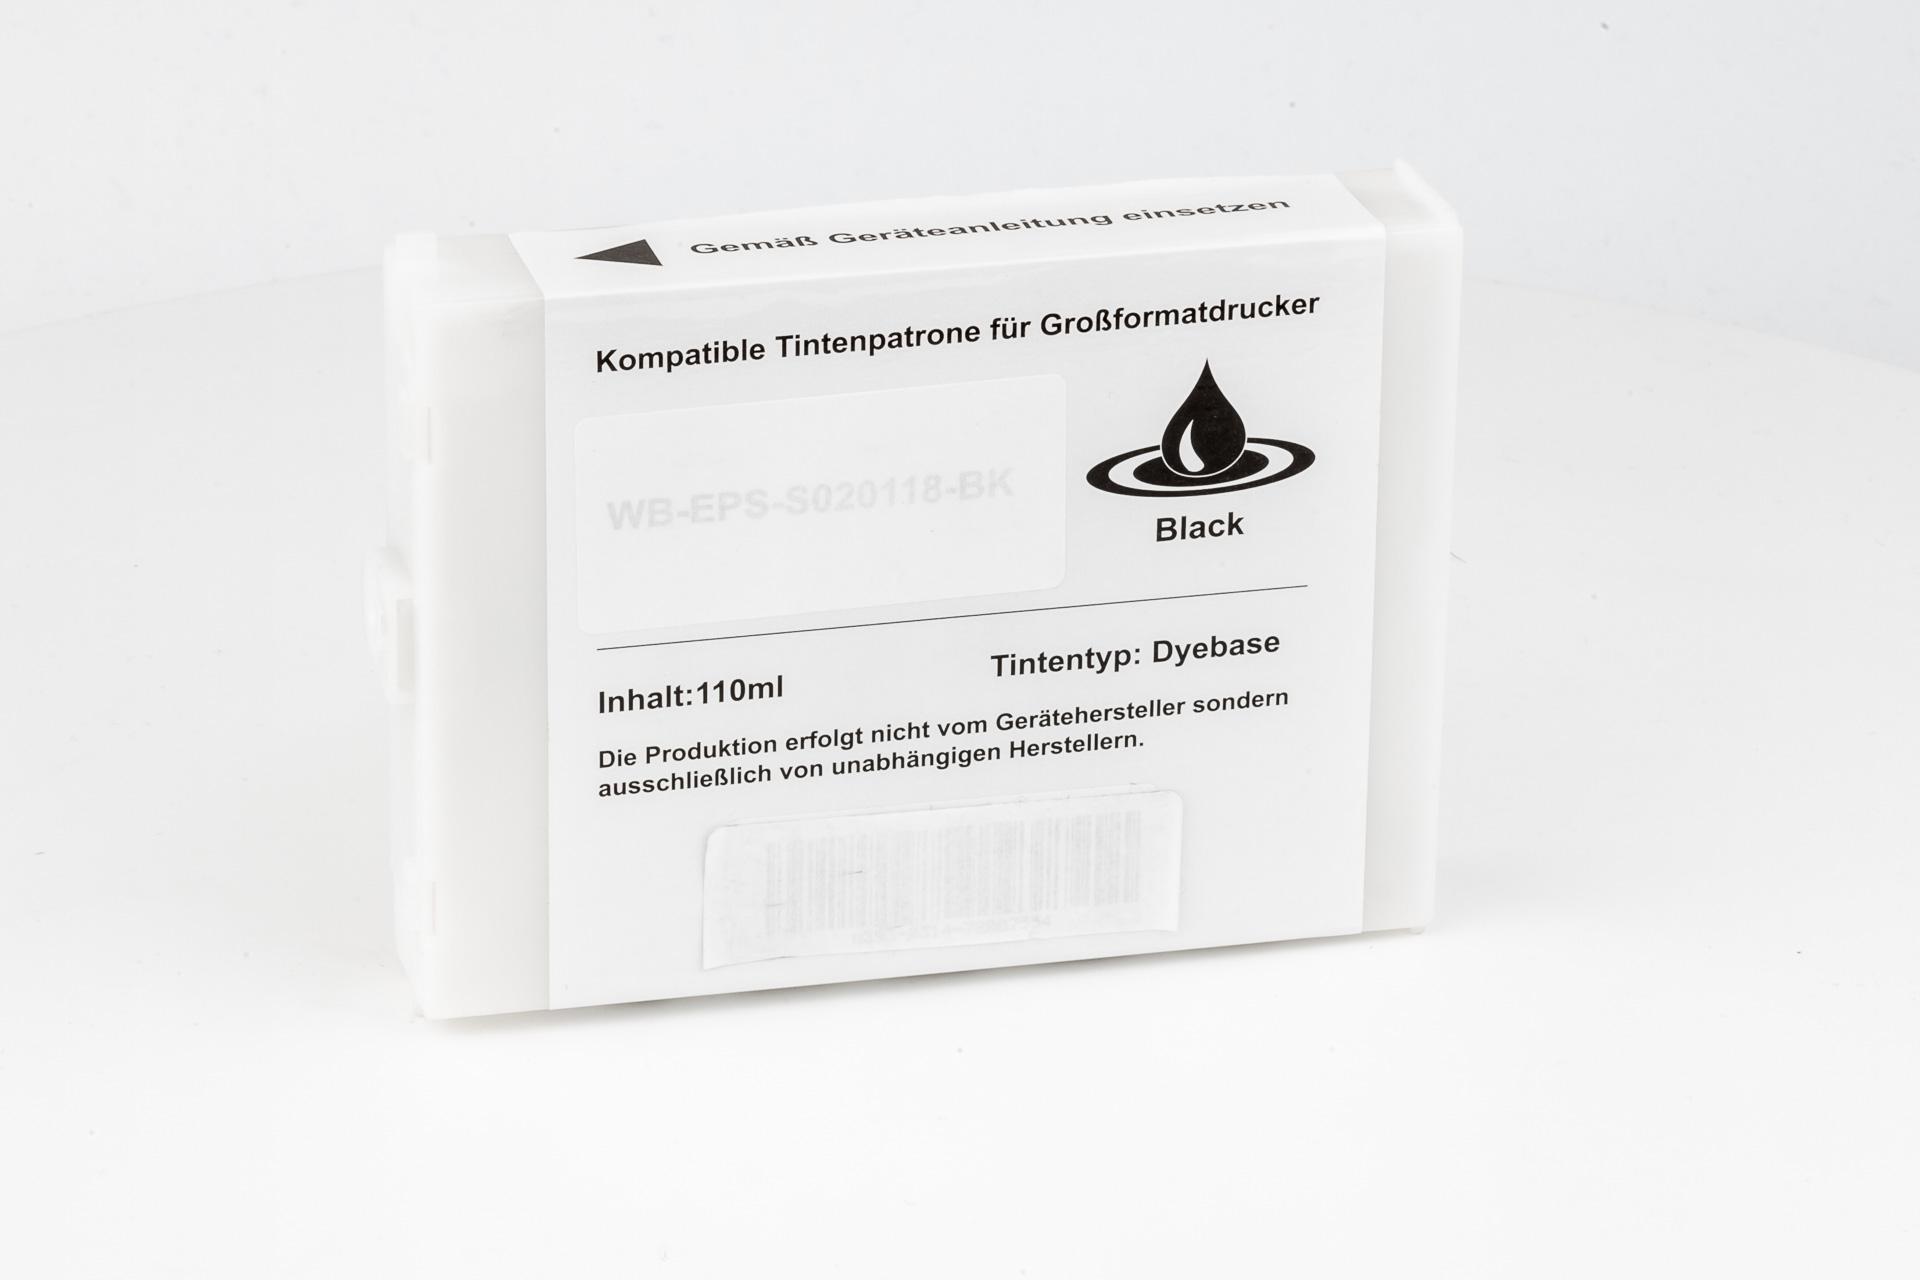 ASC-Premium-Tintenpatrone für Epson Color Proofer 5000 schwarz Color Proofer 5000 ColorProofer5000